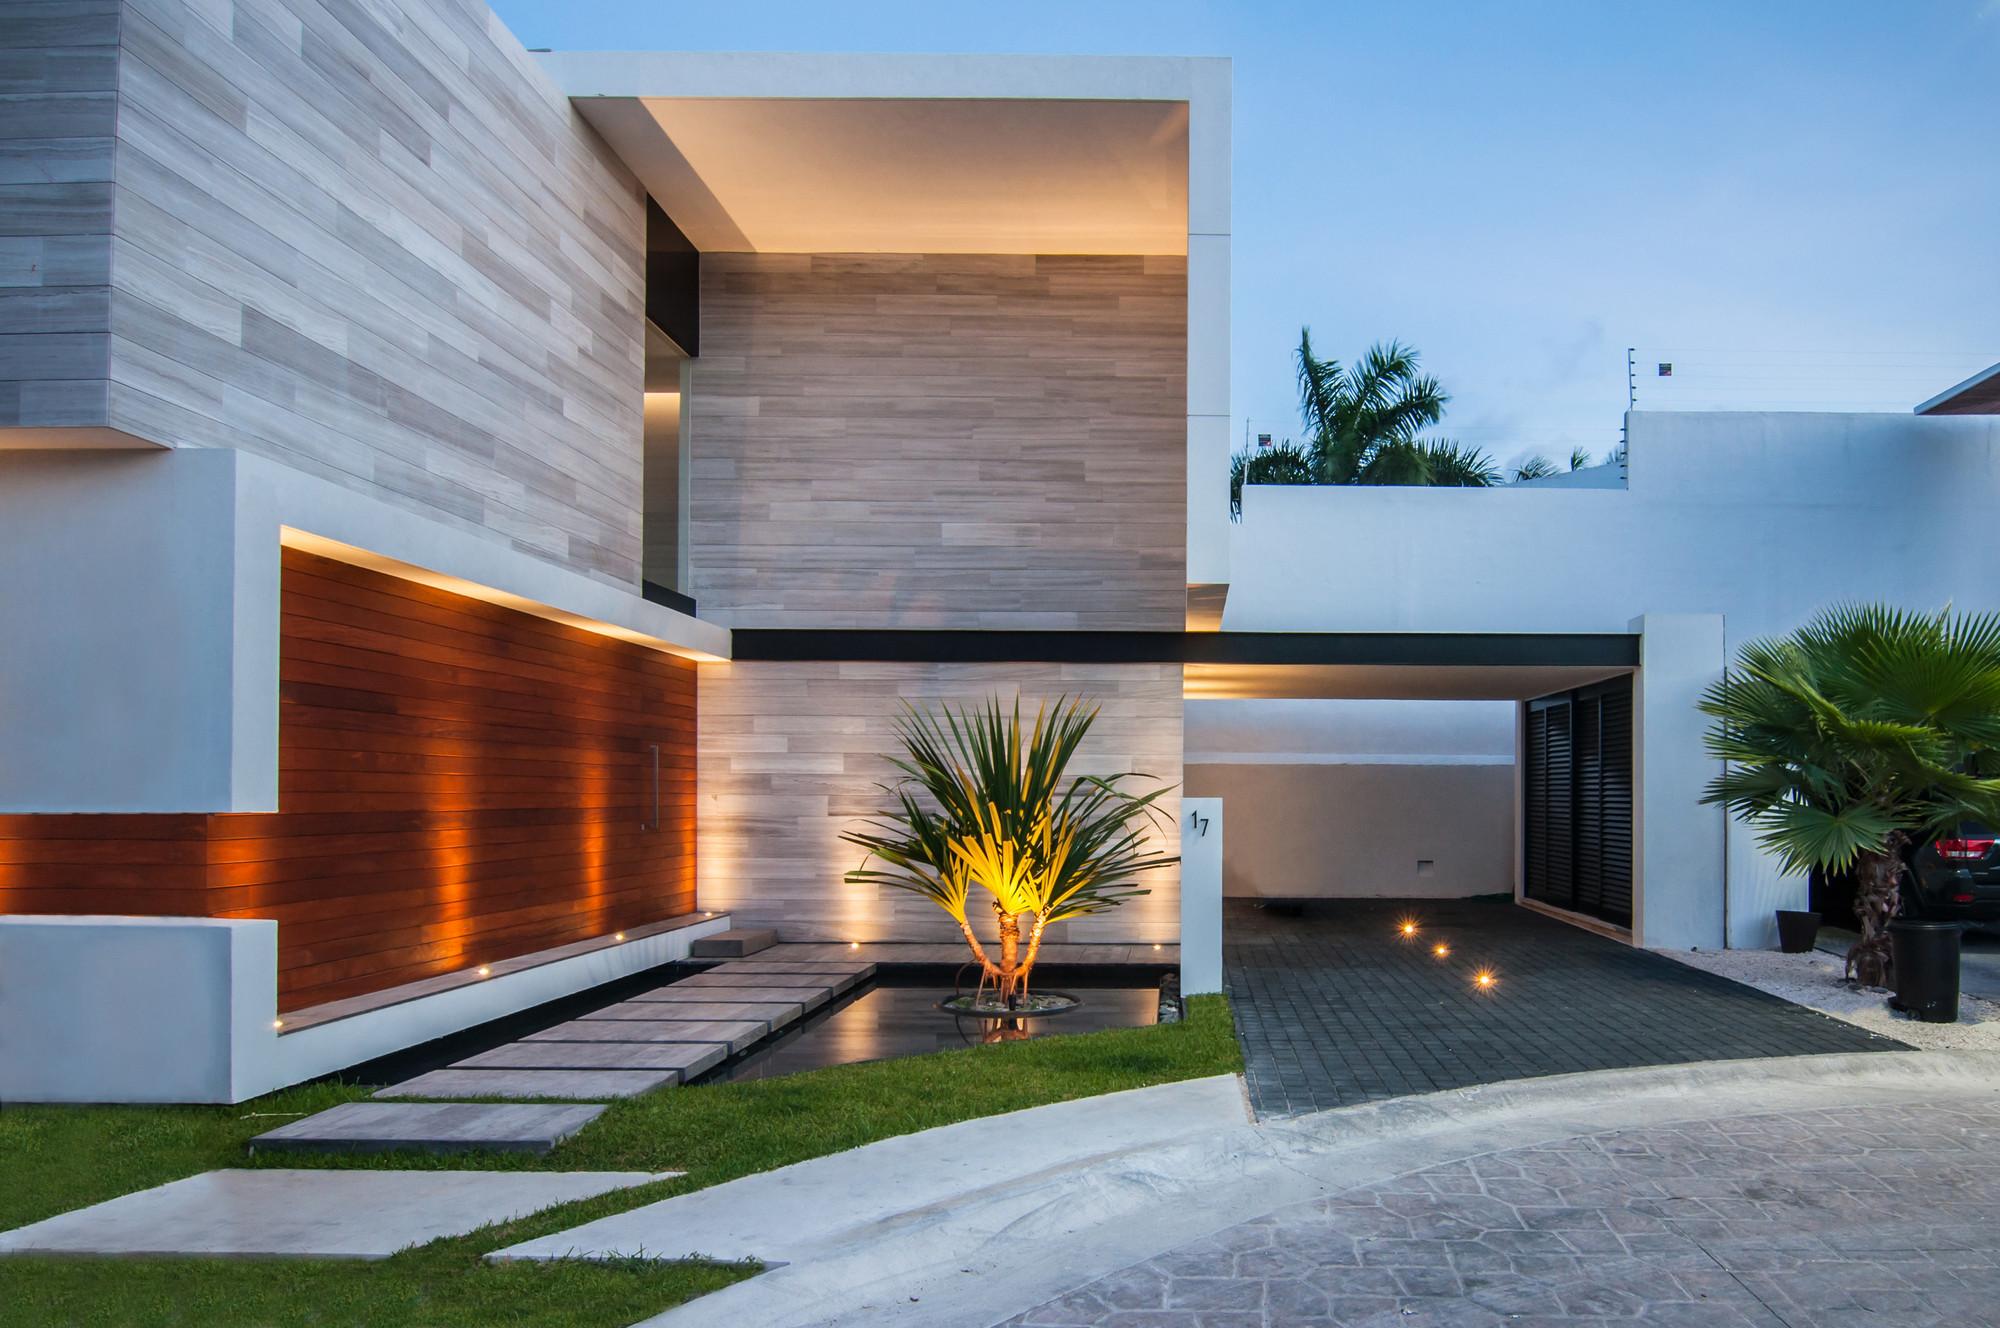 Galer a de casa paracaima taff arquitectos 5 for Fachadas de casas modernas a desnivel